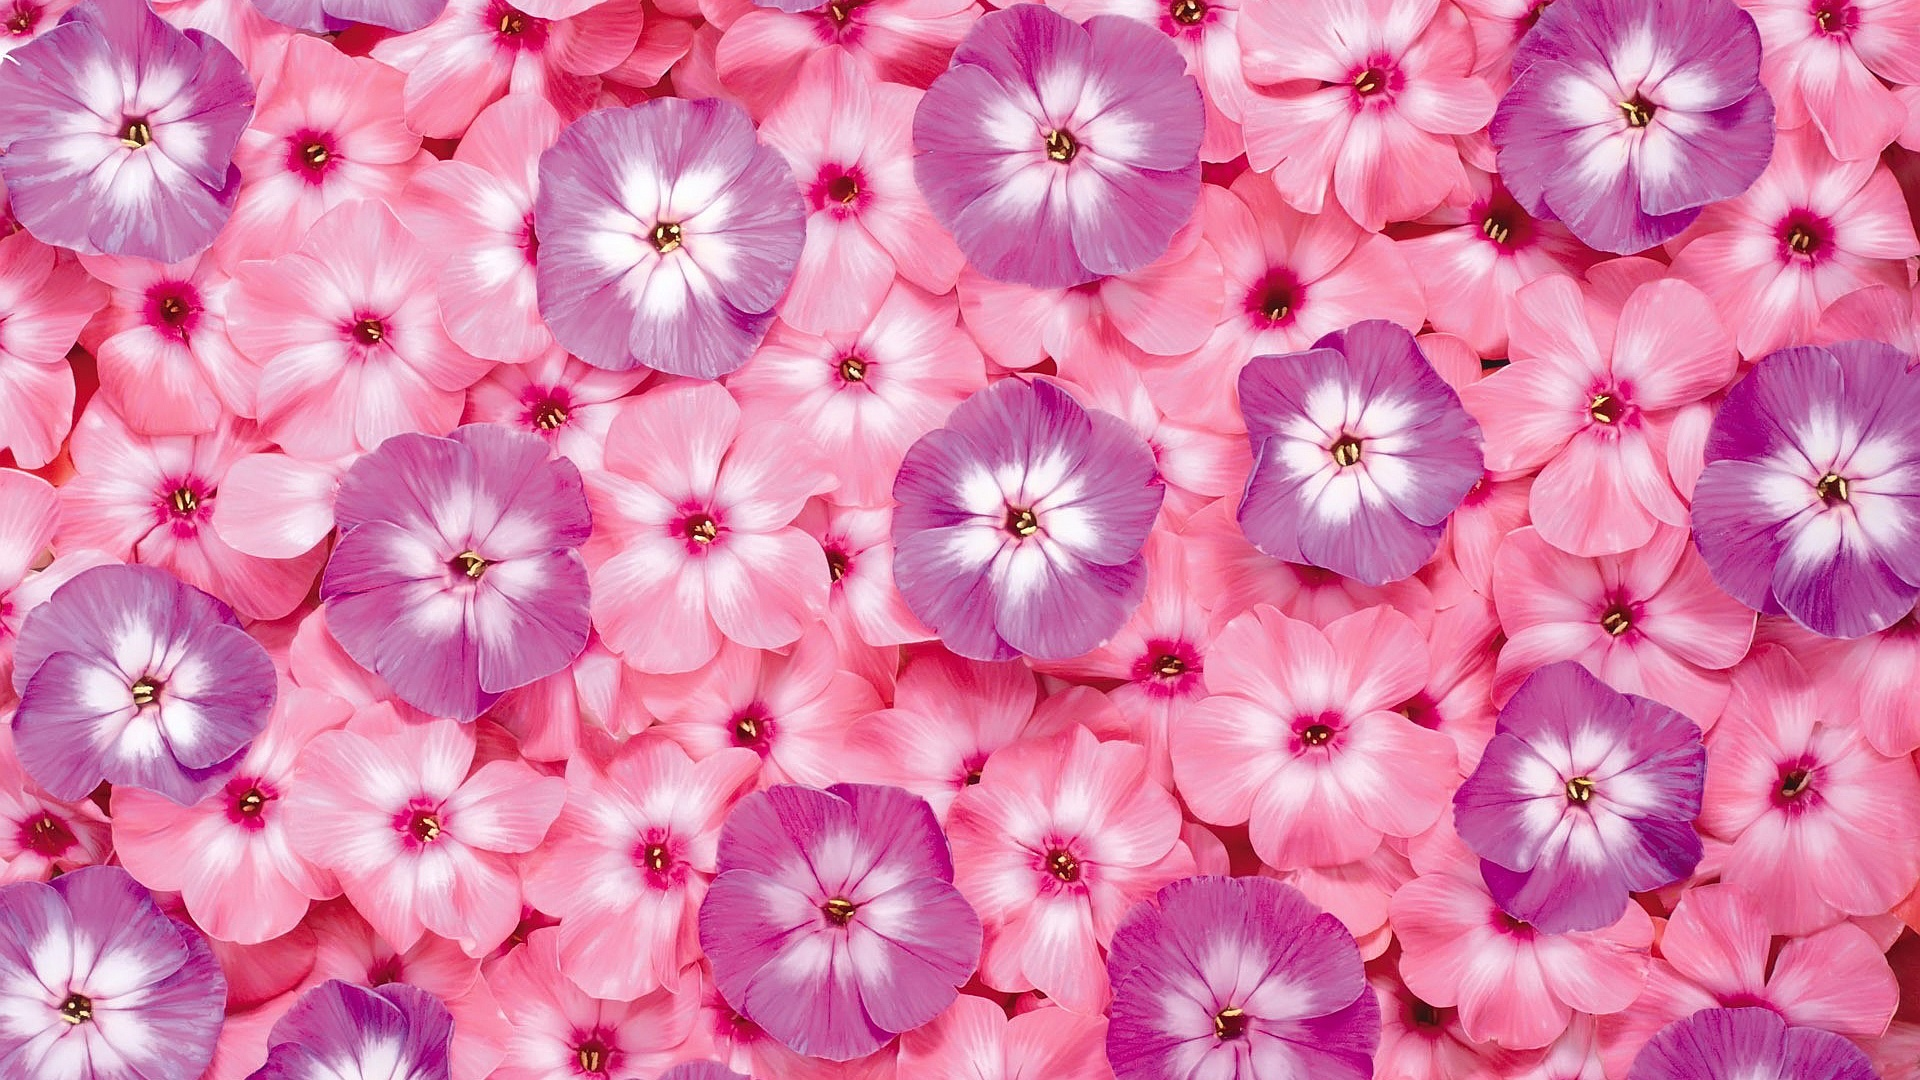 تصاویر زیبای گل های صورتی+دانلود :: دوربیـن